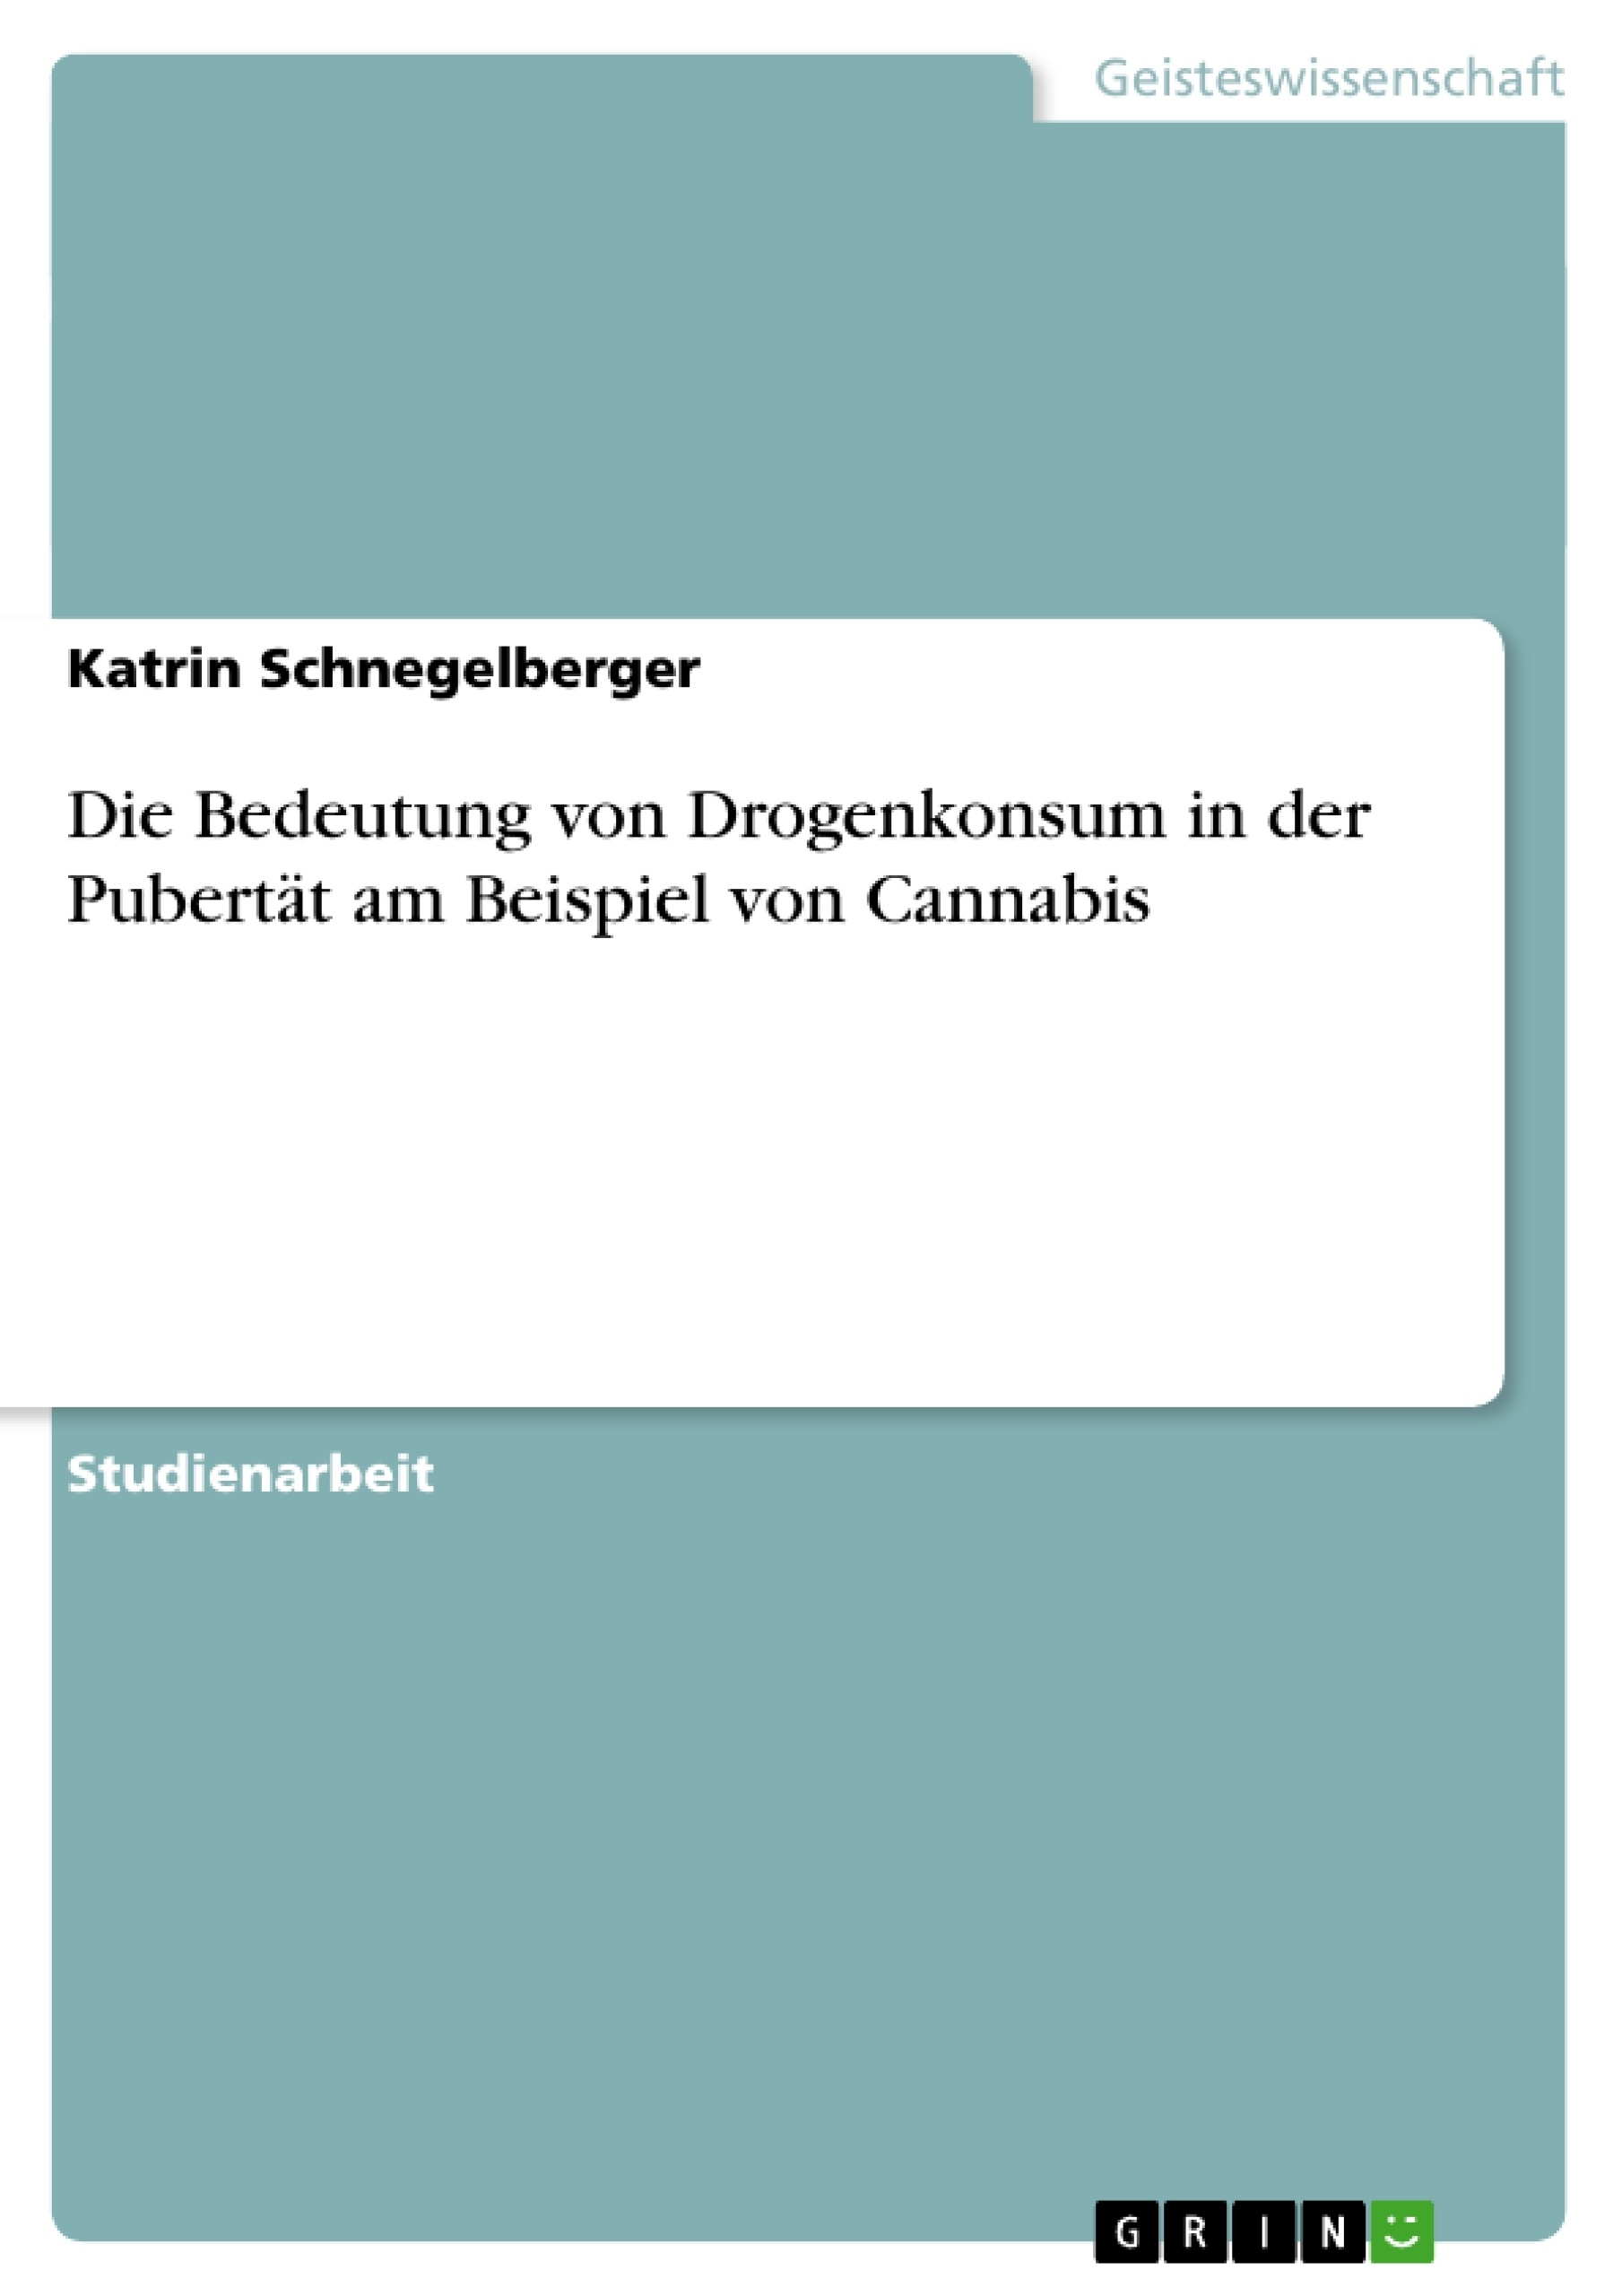 Titel: Die Bedeutung von Drogenkonsum in der Pubertät am Beispiel von Cannabis